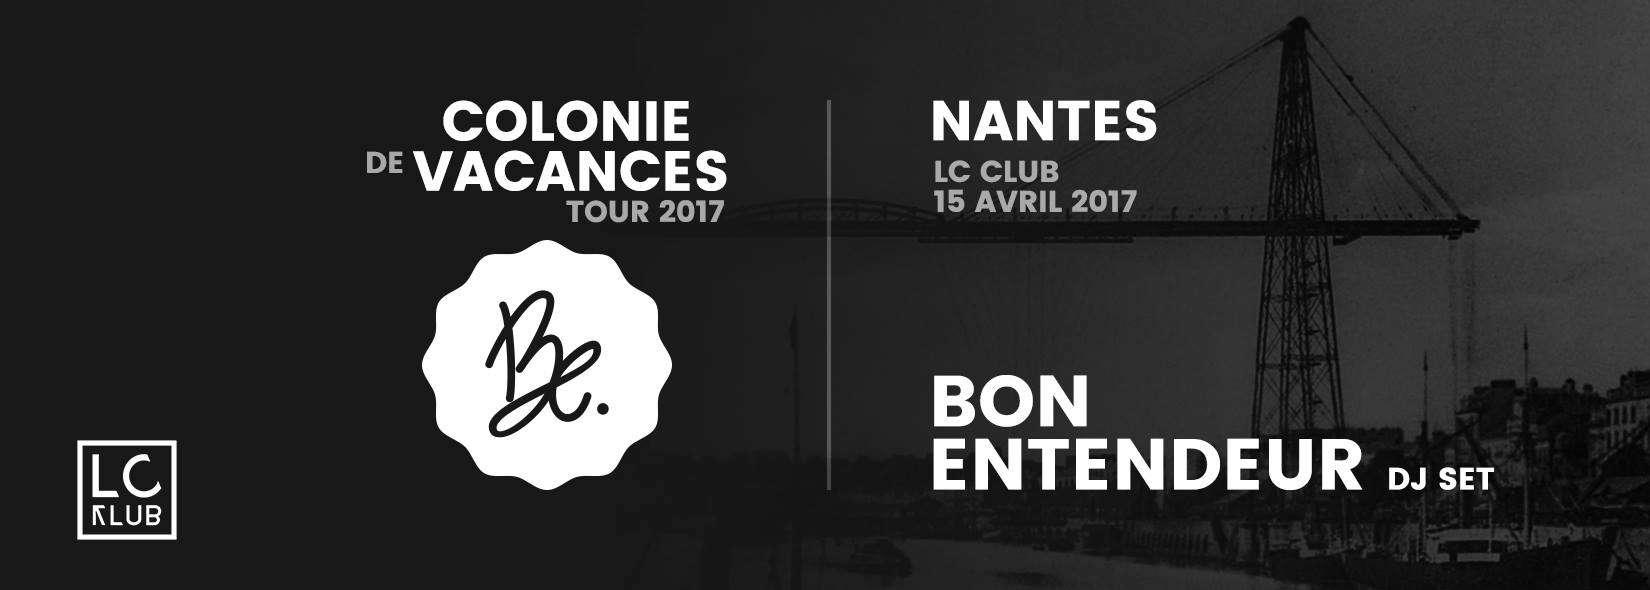 Soirée Lc Club Nantes